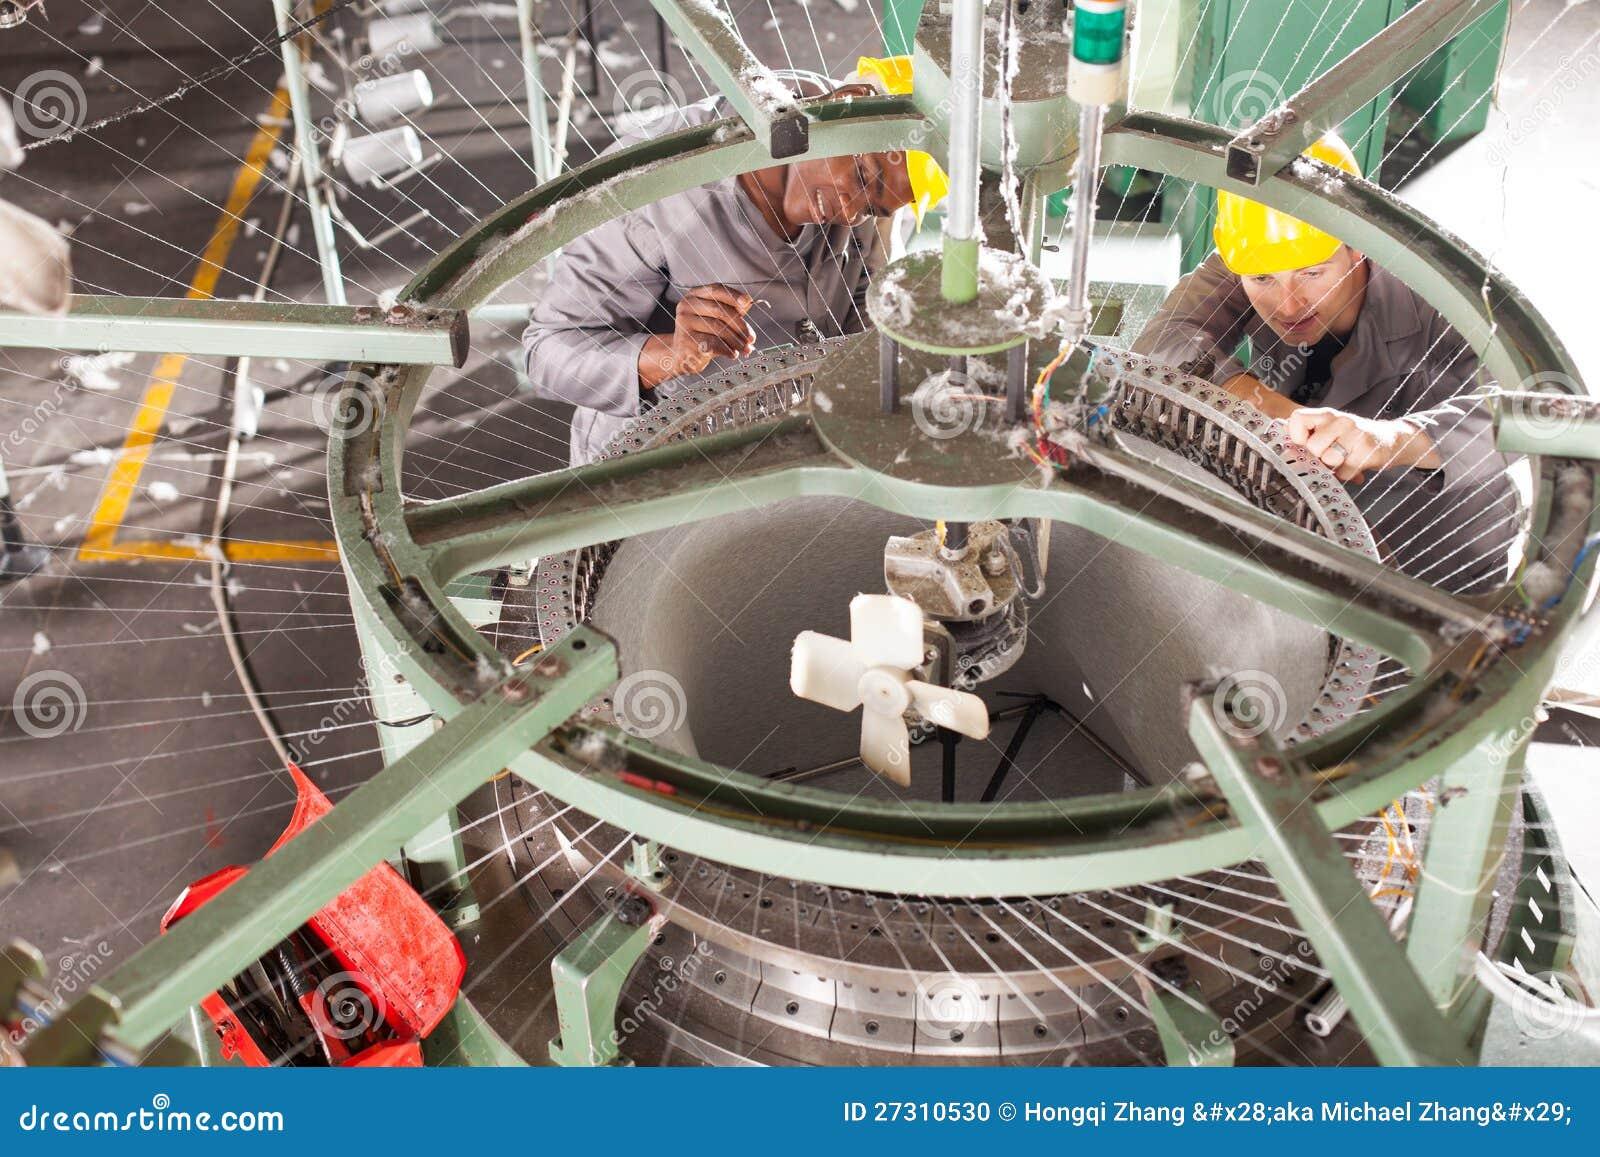 Textile Factory Technicians Stock Photo Image 27310530